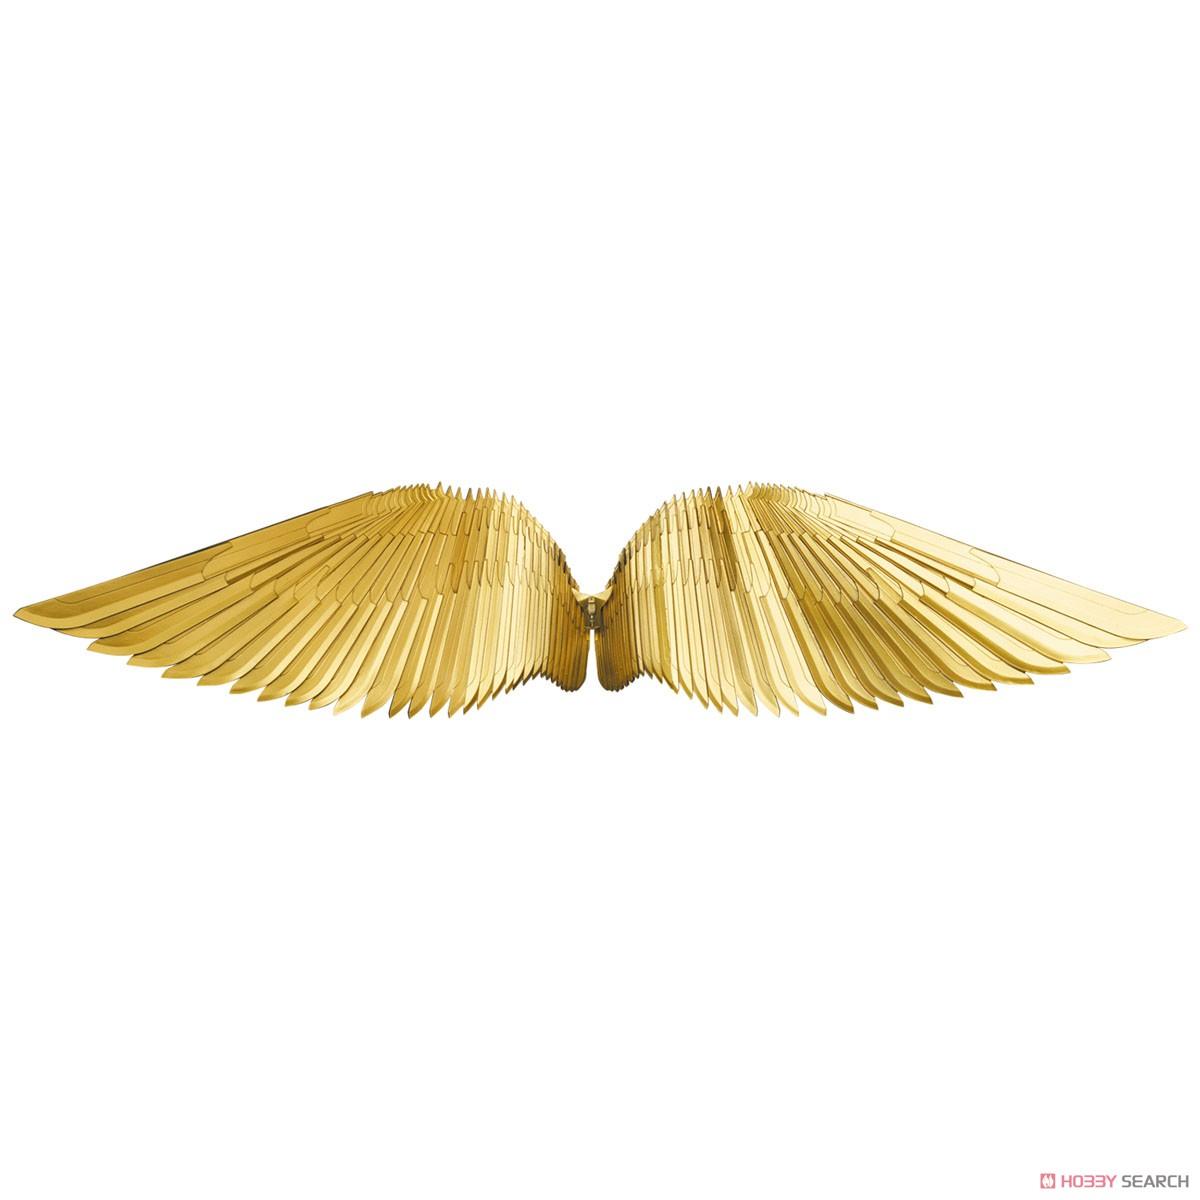 マフェックス No.148 MAFEX『ワンダーウーマン 1984 ゴールドアーマー版/WONDER WOMAN GOLDEN ARMOR Ver.』可動フィギュア-012